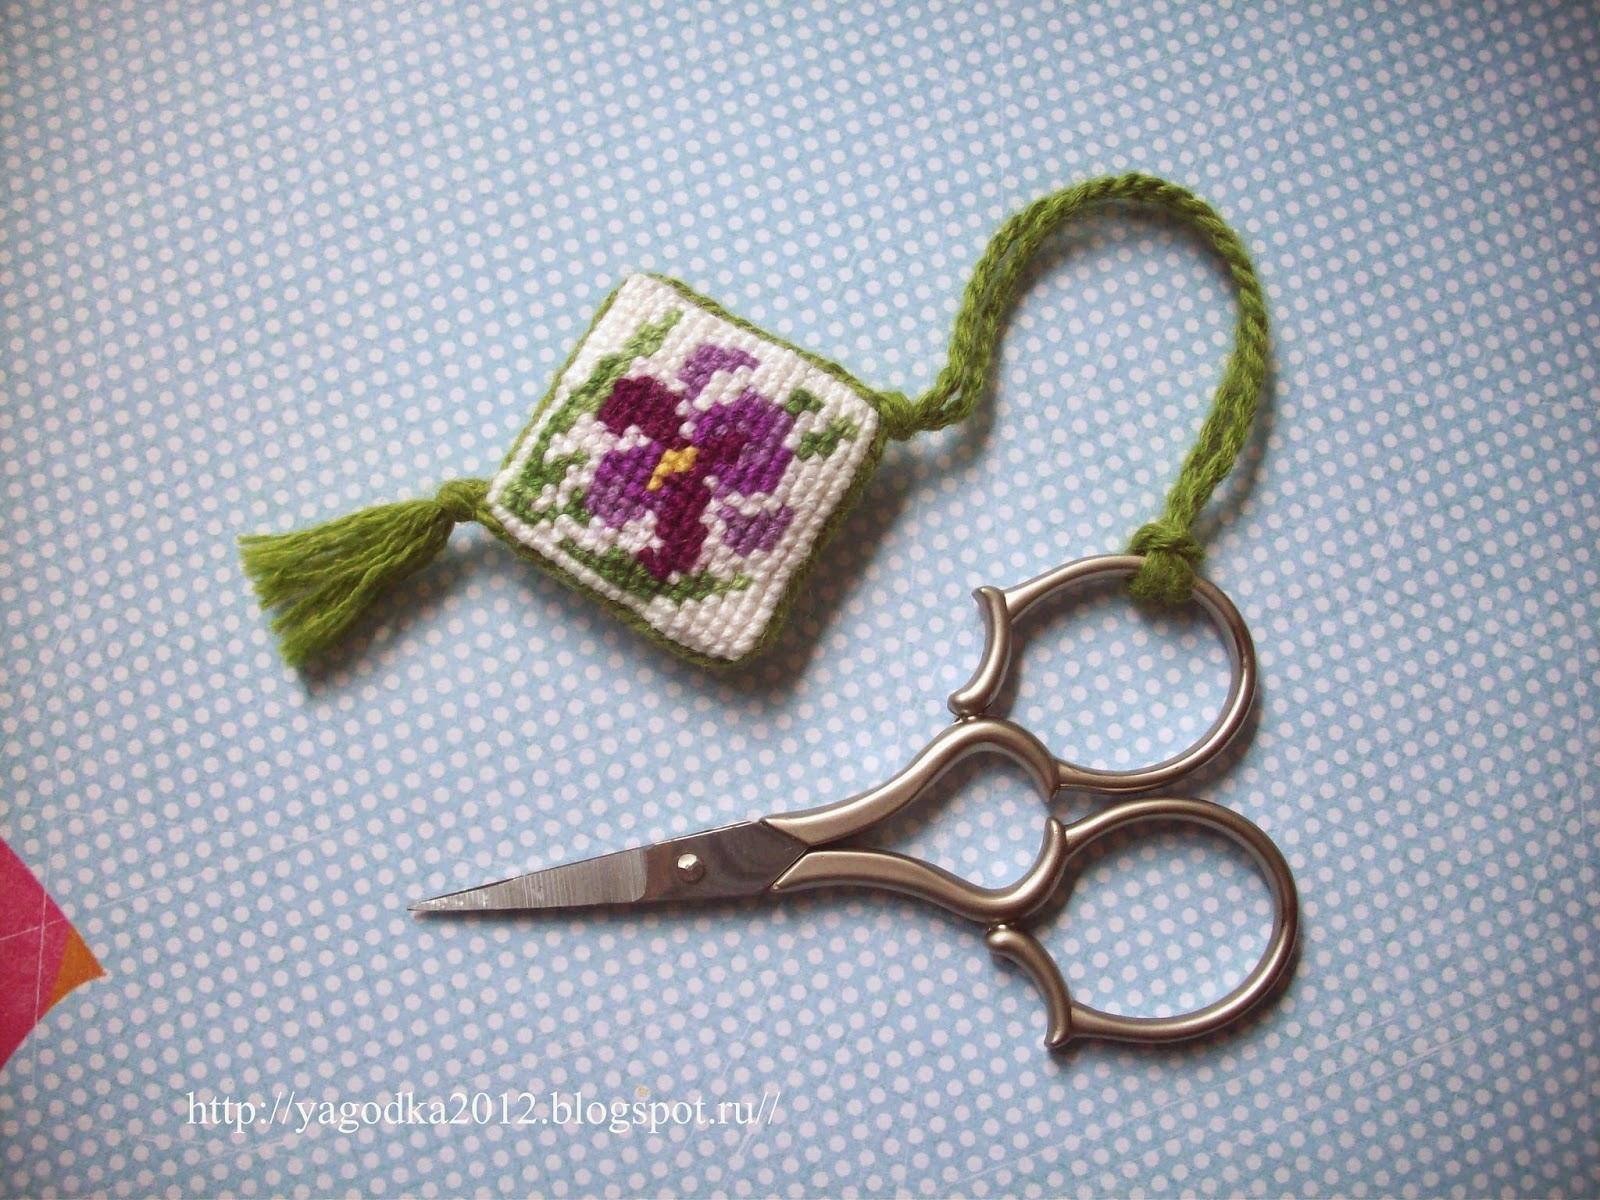 Маячок для ножниц: мастер-класс Крестик - Вышивка крестом и